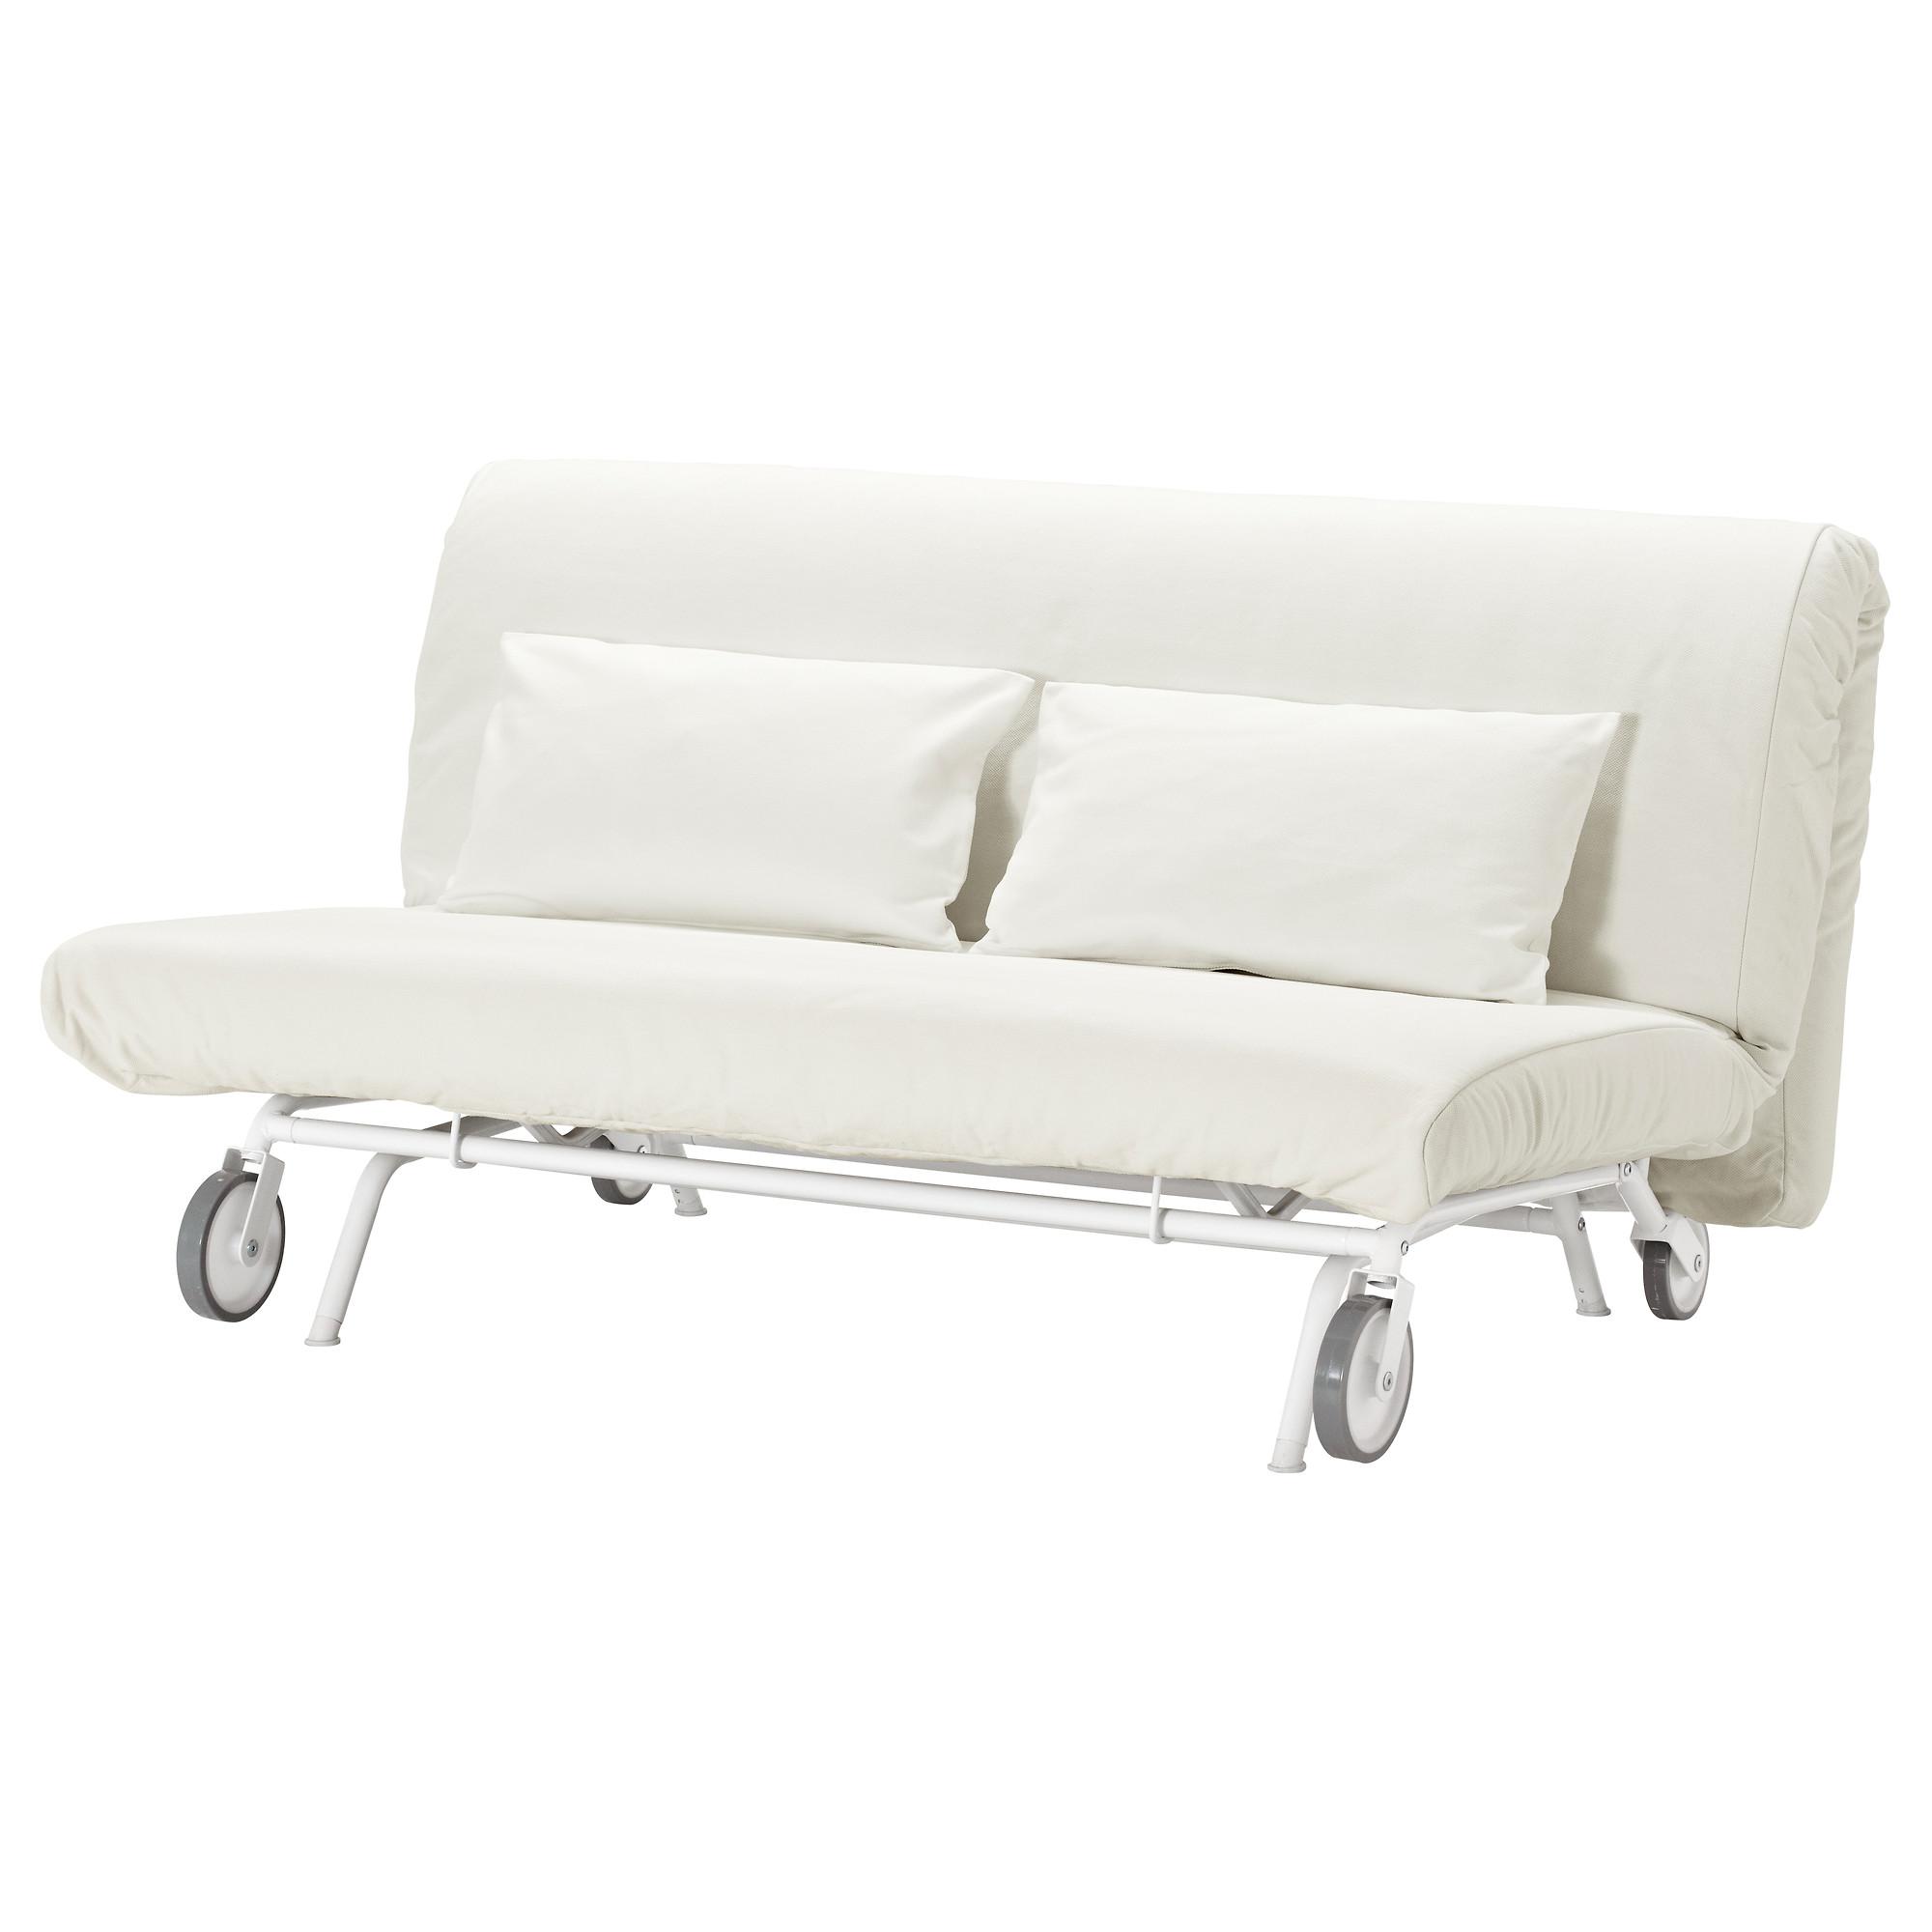 2-местный диван-кровать ИКЕА/ПС ЛЁВОС белый артикуль № 392.825.17 в наличии. Онлайн каталог IKEA Беларусь. Недорогая доставка и монтаж.